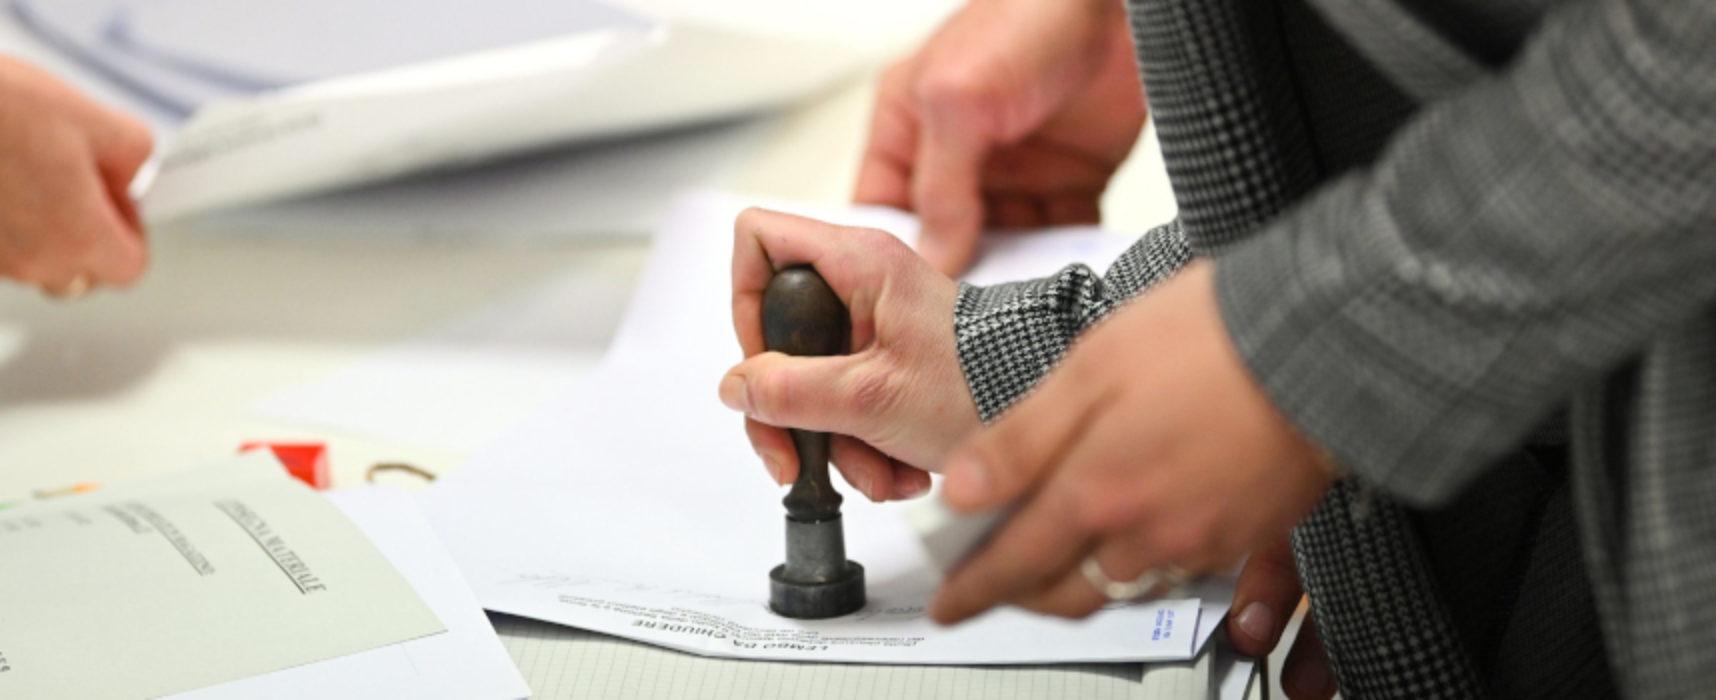 Revisione liste elettorali / Entro il 20 ottobre sono possibili modifiche e cancellazioni